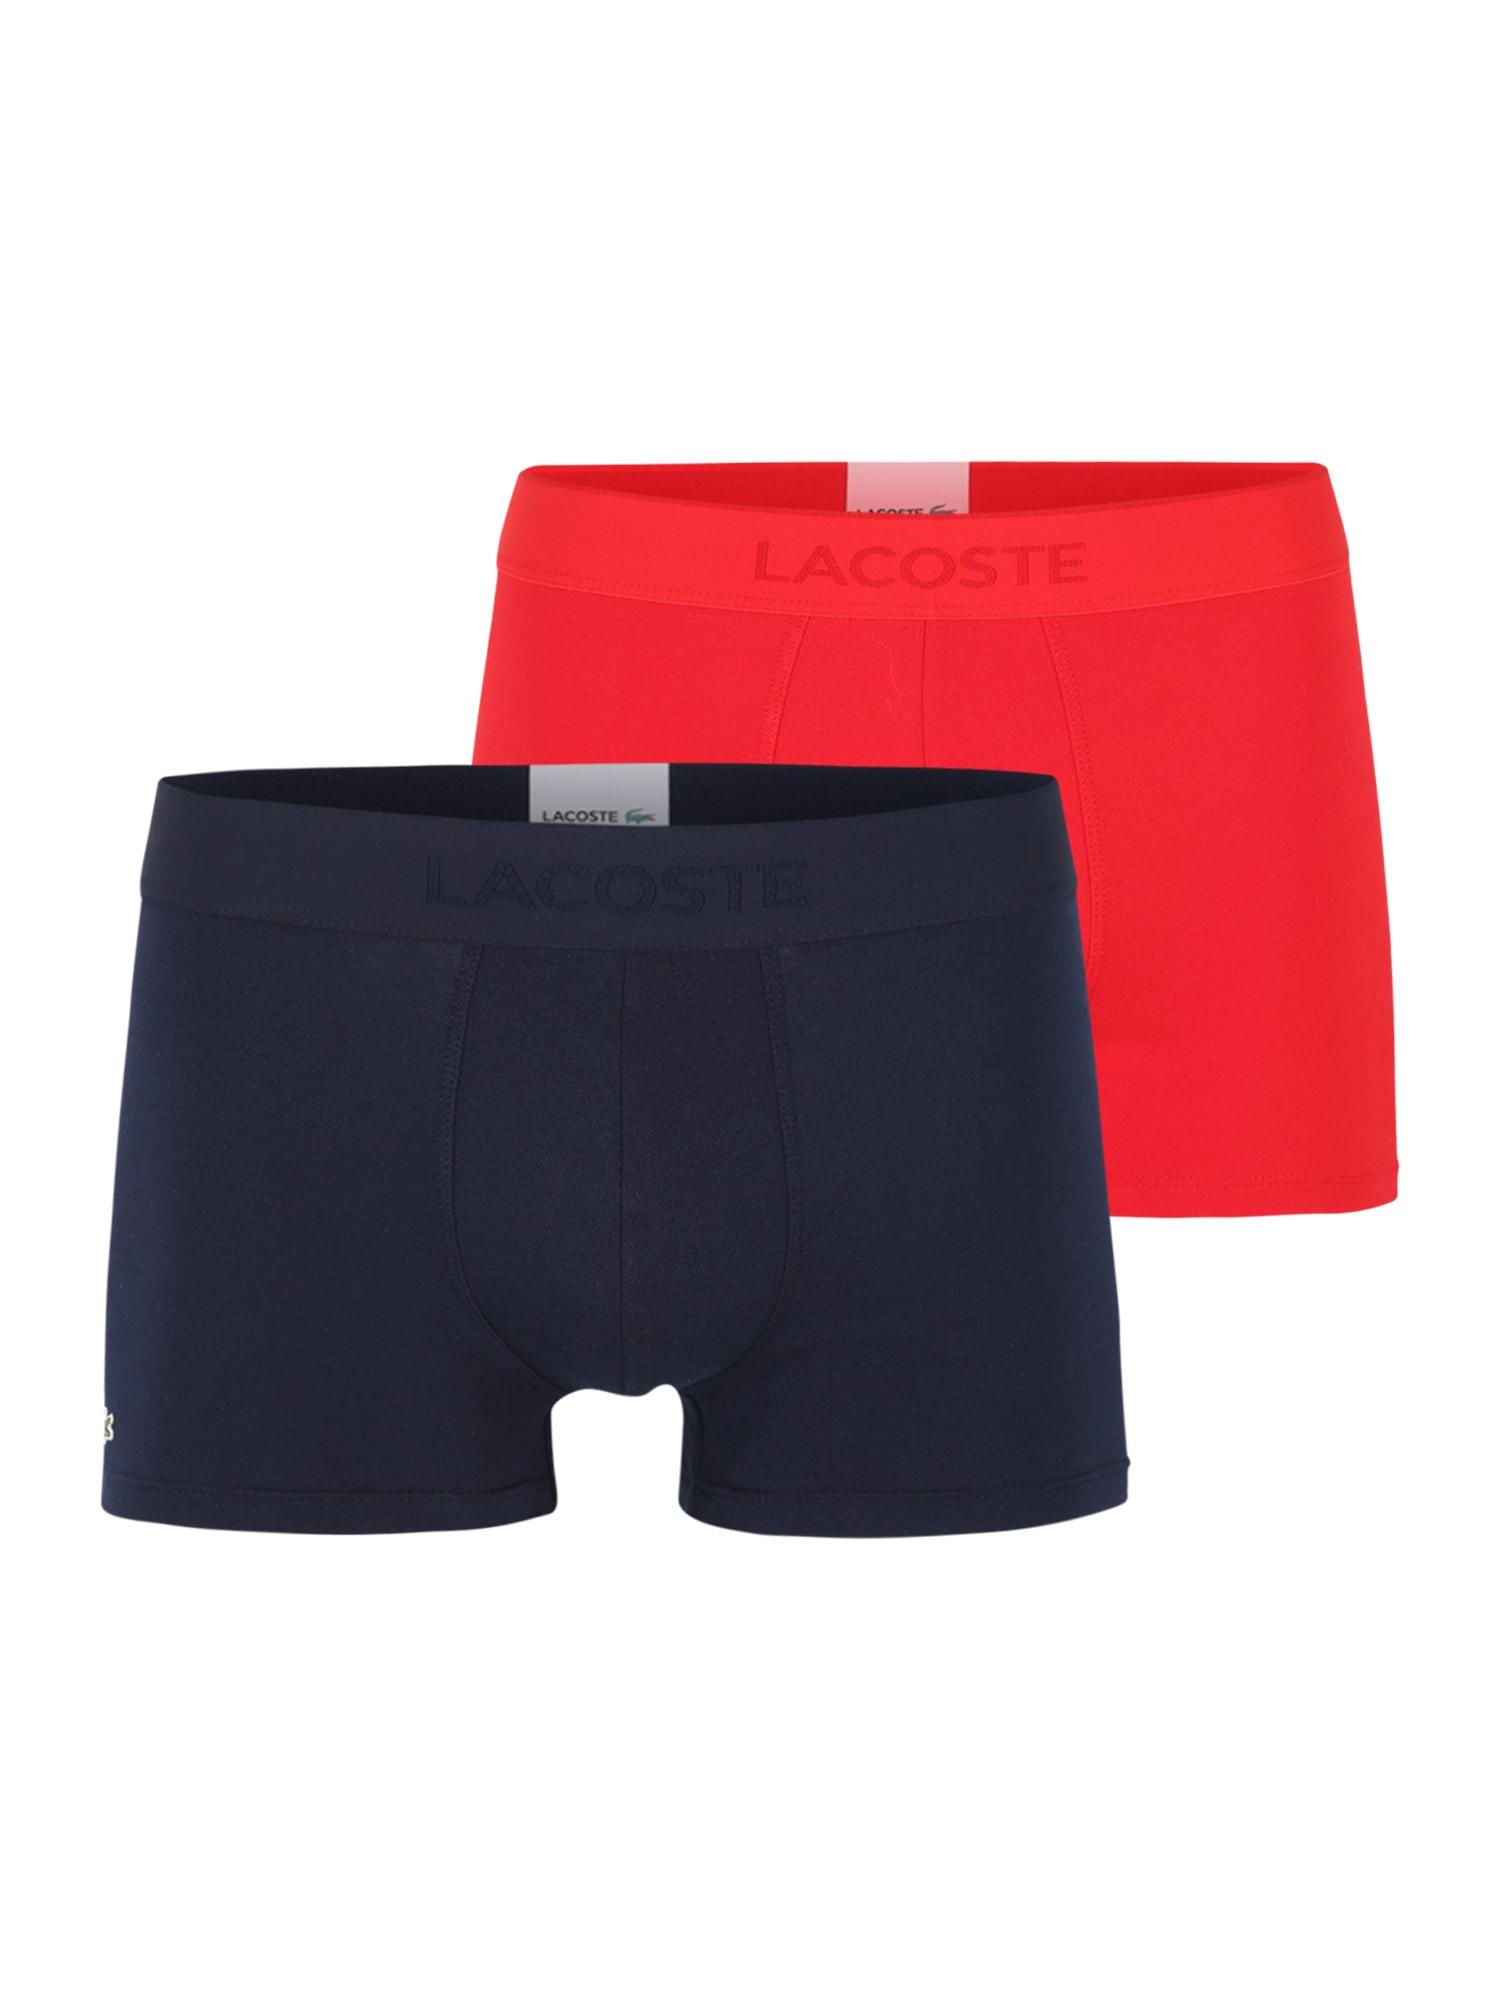 LACOSTE Boxer trumpikės tamsiai mėlyna jūros spalva / raudona